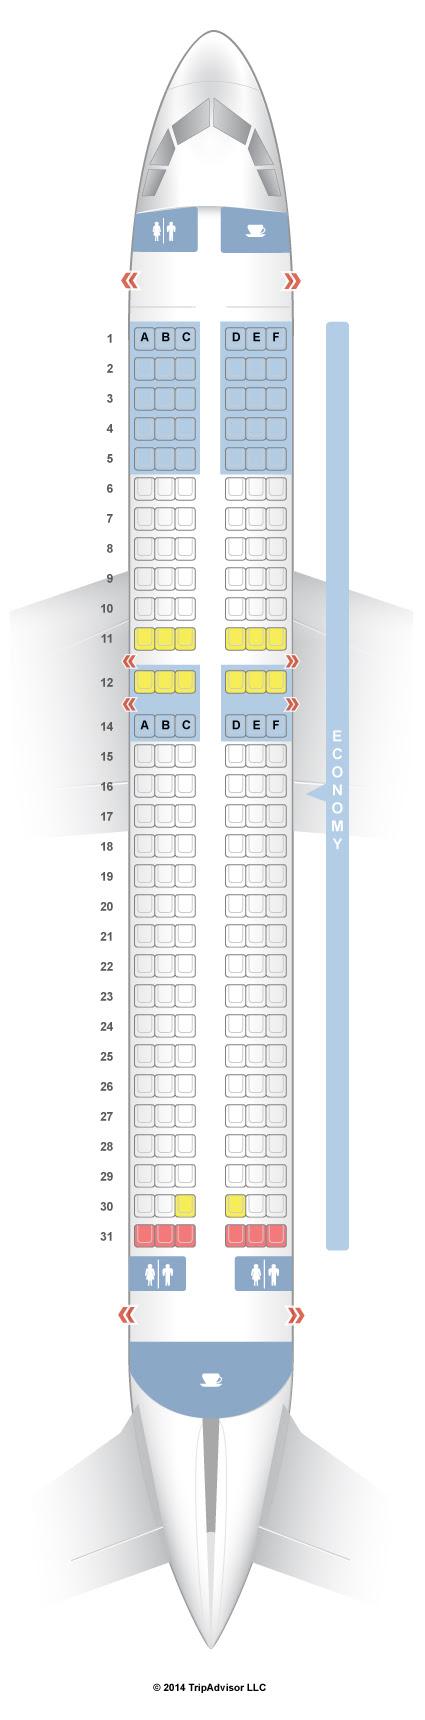 http://cdn.seatguru.com/en_US/img/508/seatguru/airlines_new/Air_Asia/Air_Asia_Airbus_320.jpg